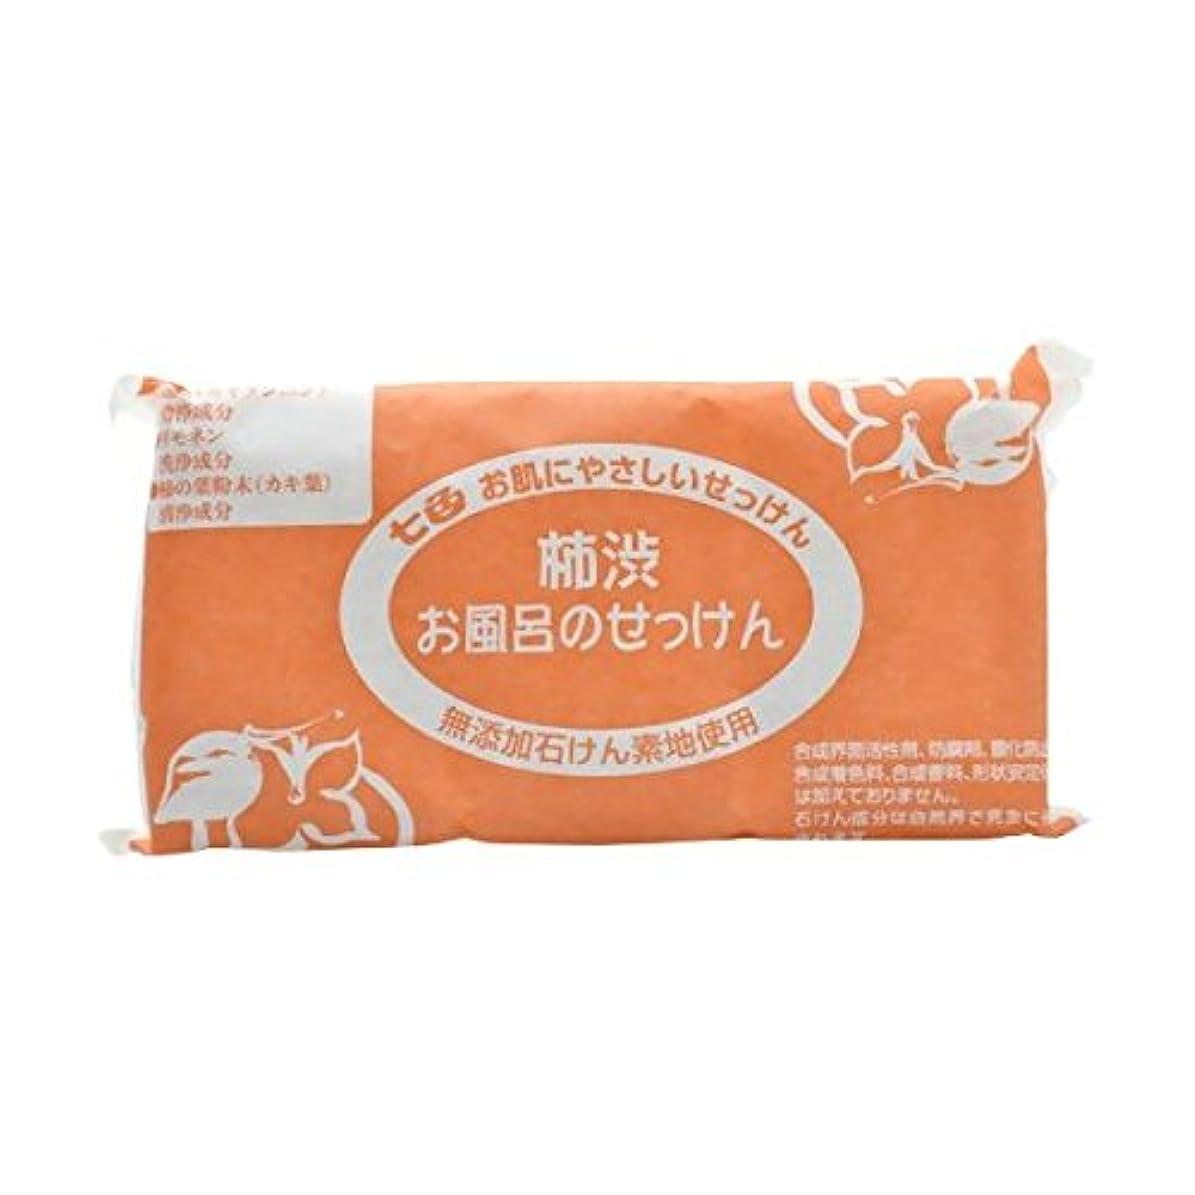 非行準備する一晩(まとめ買い)七色 お風呂のせっけん 柿渋(無添加石鹸) 100g×3個入×9セット